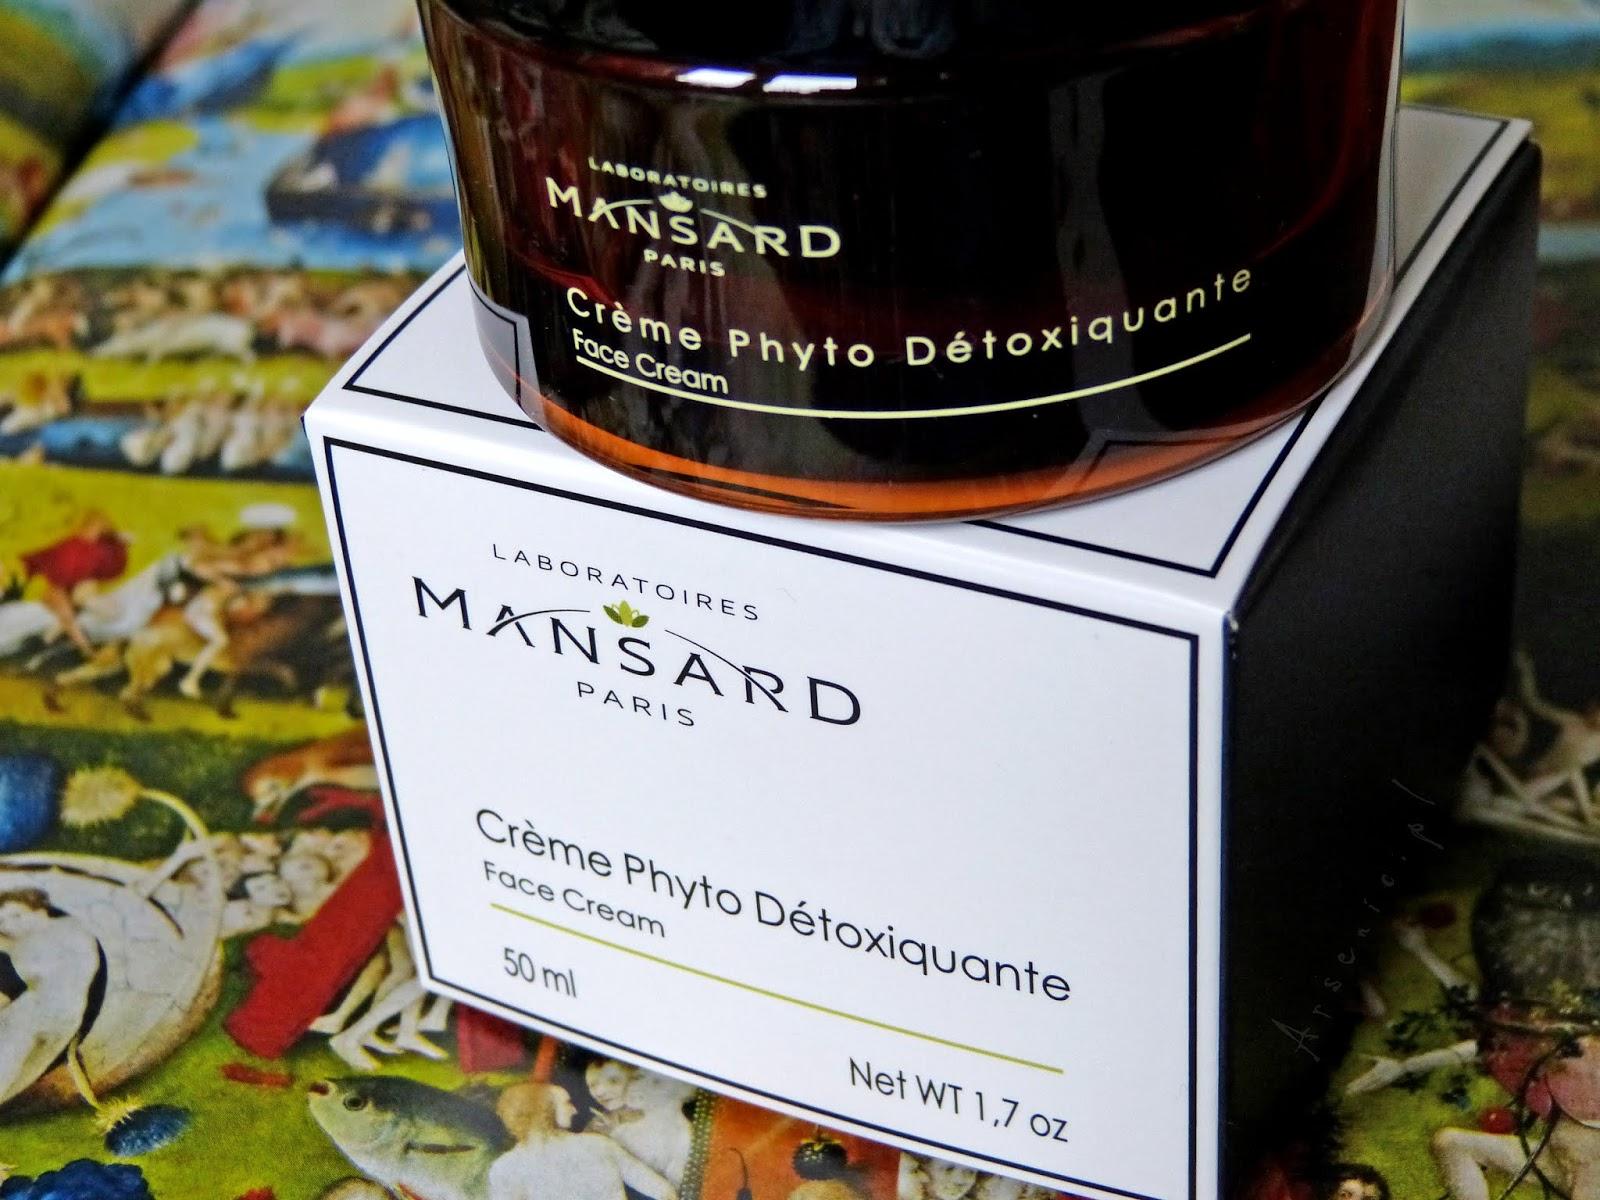 Mansard Crème Phyto Détoxiquante